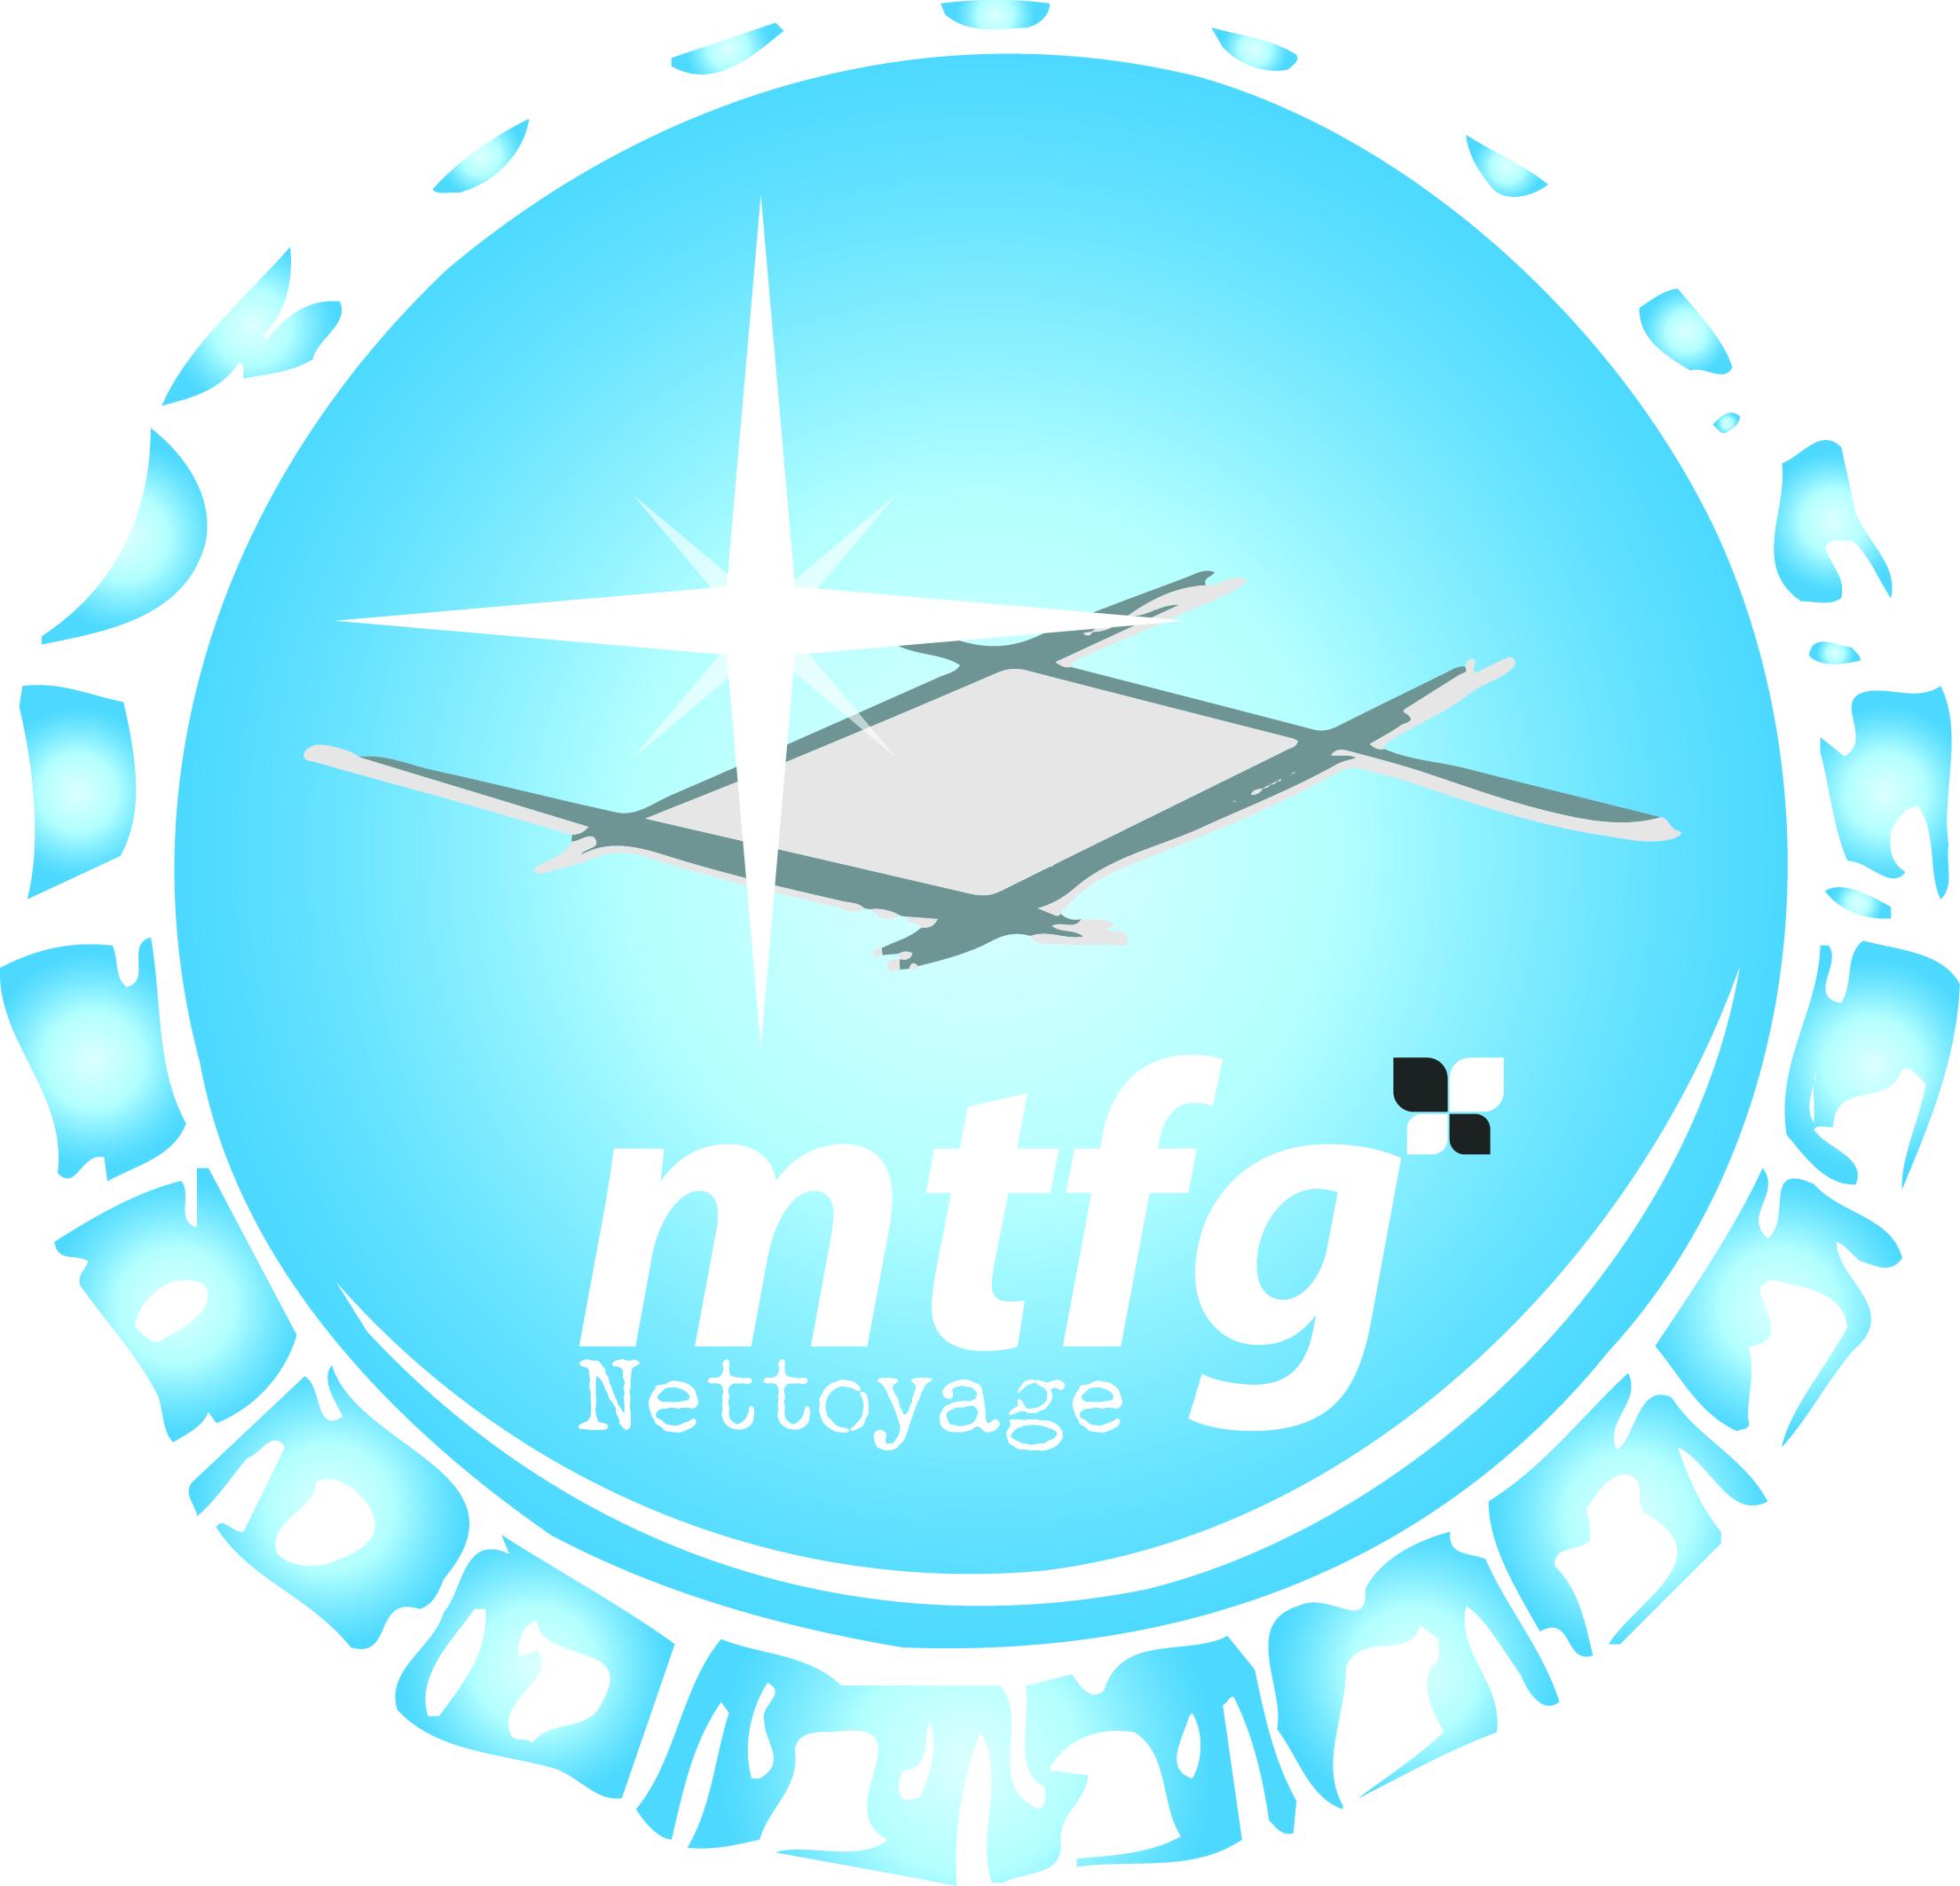 MTFG Nettoyage